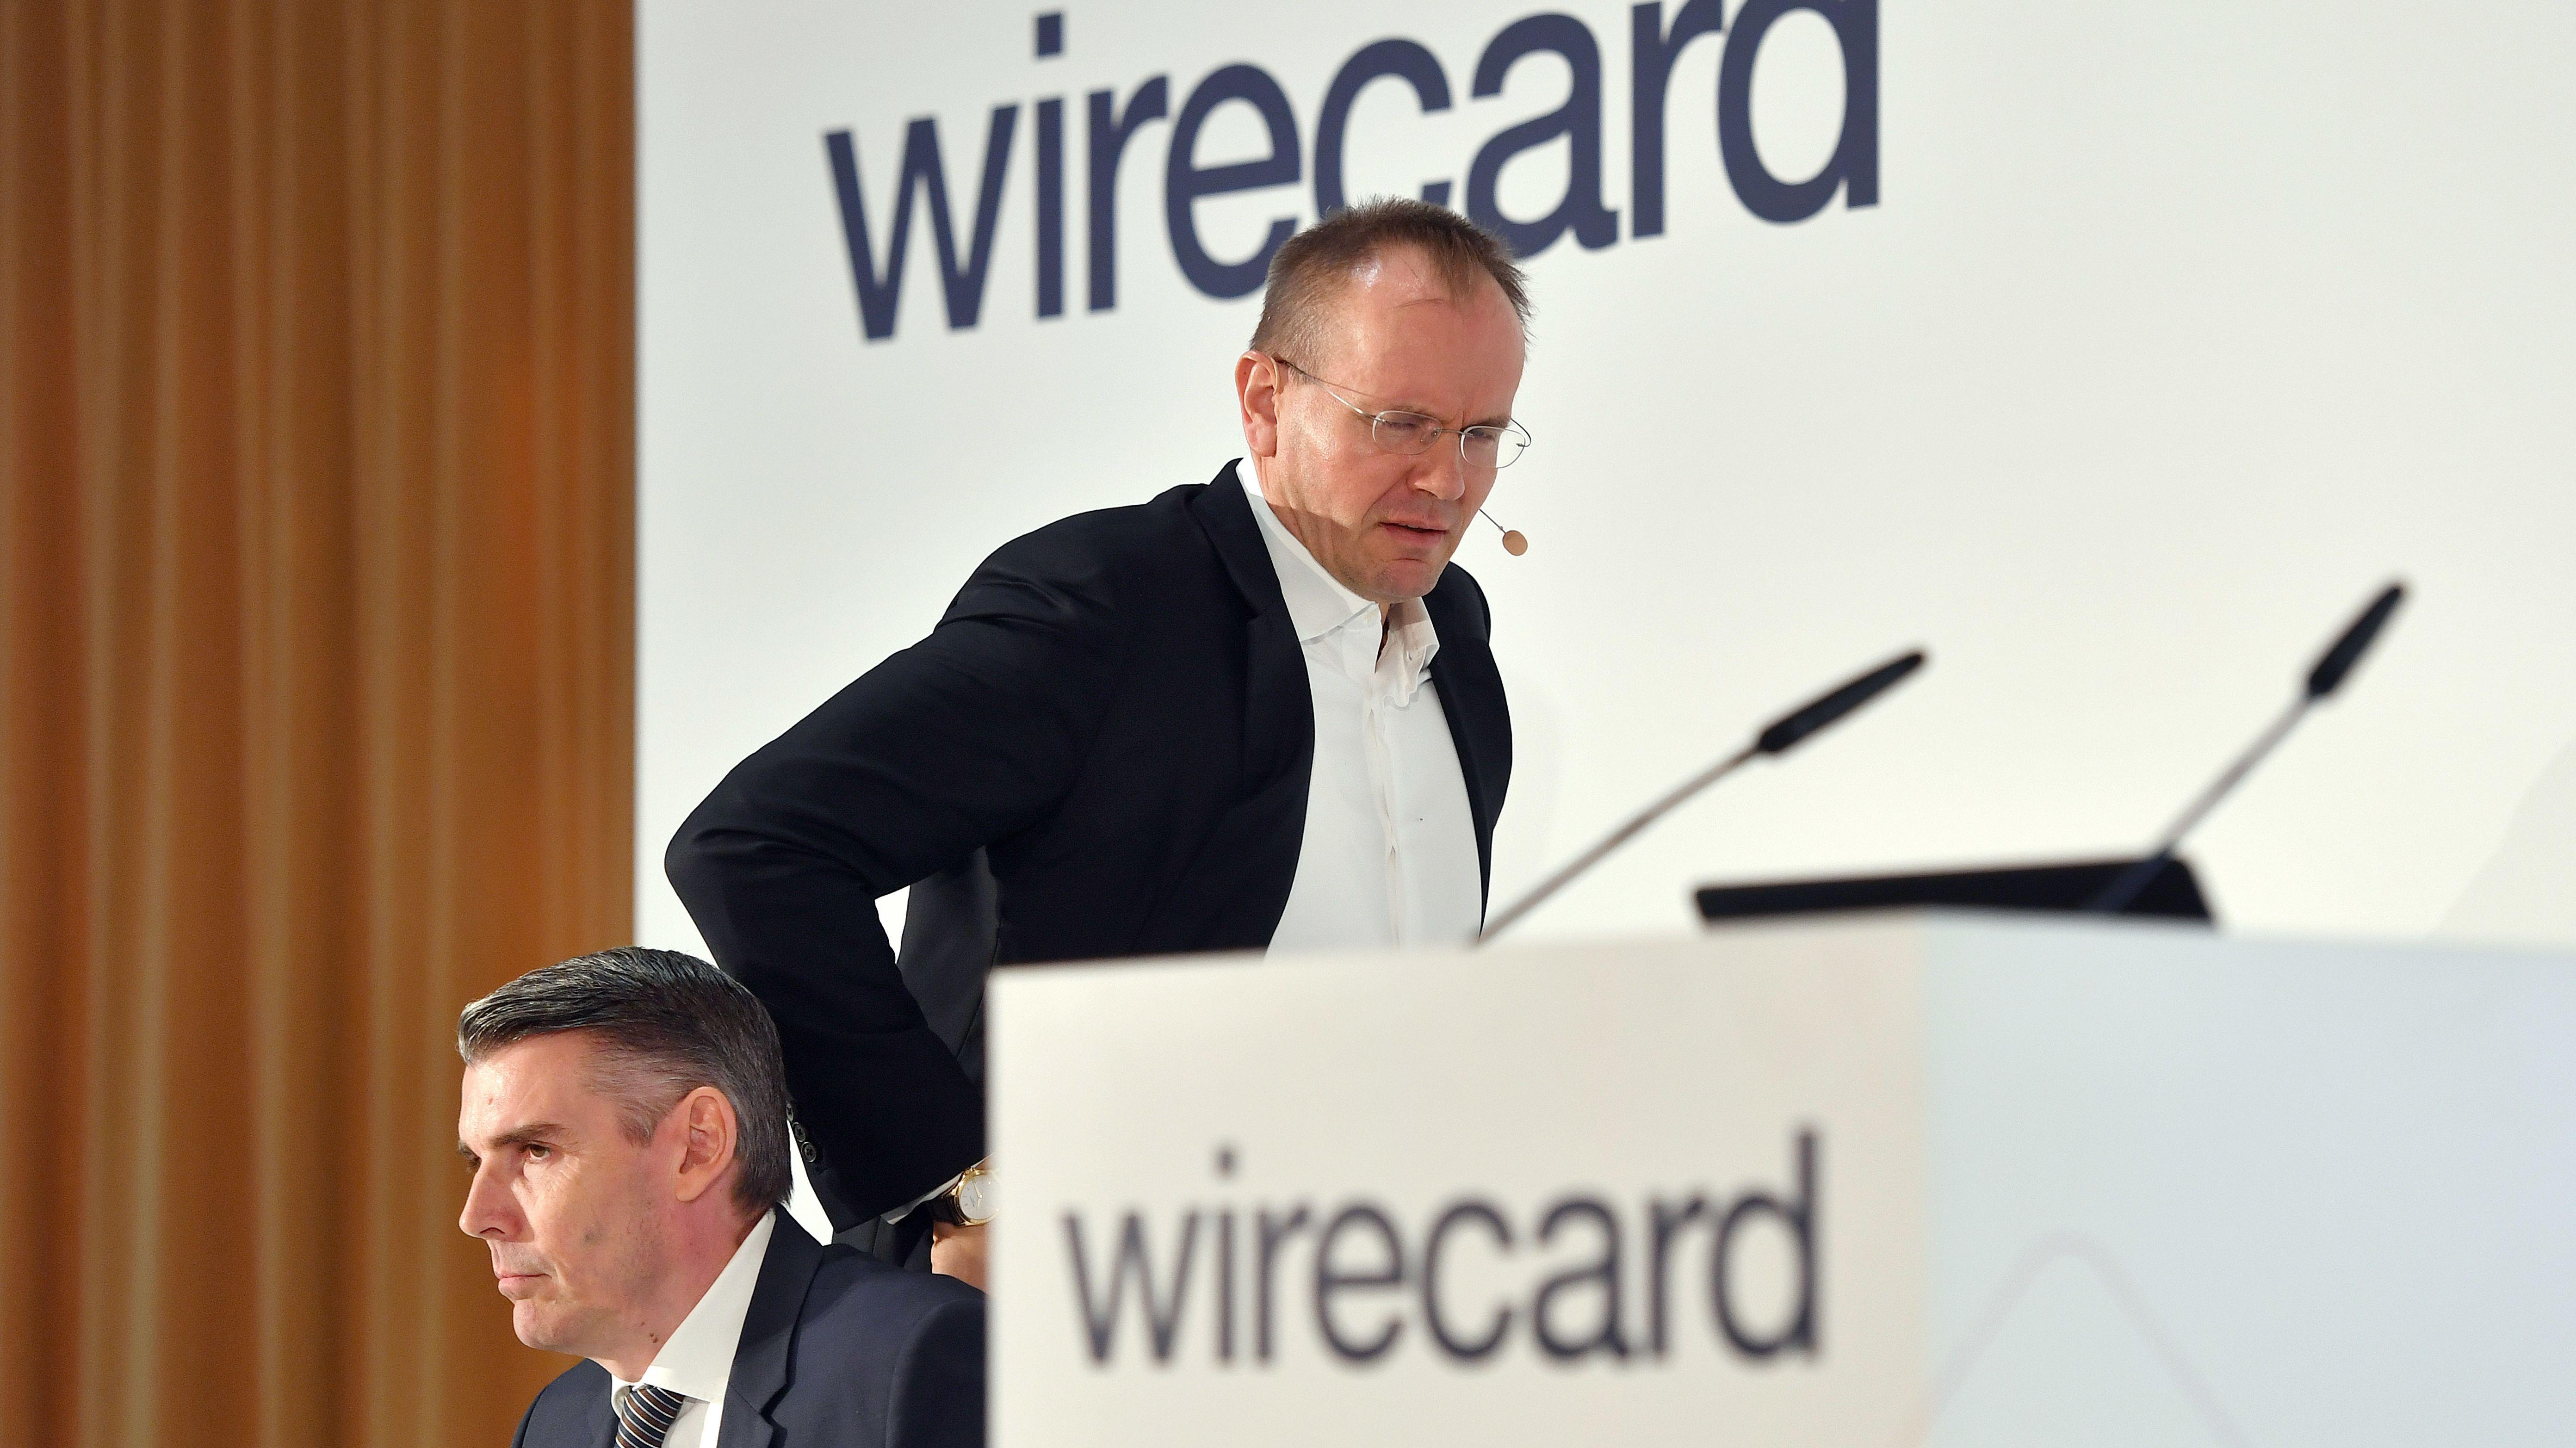 Archivfoto: Dr. Markus Braun (CEO,Vorstandsvorsitzender), betritt das Podium. vor Firmenemblem,Logo,Schriftzug. lii: Alexander von Knoop (CFO,Finanzvorstand). Bilanzpressekonferenz